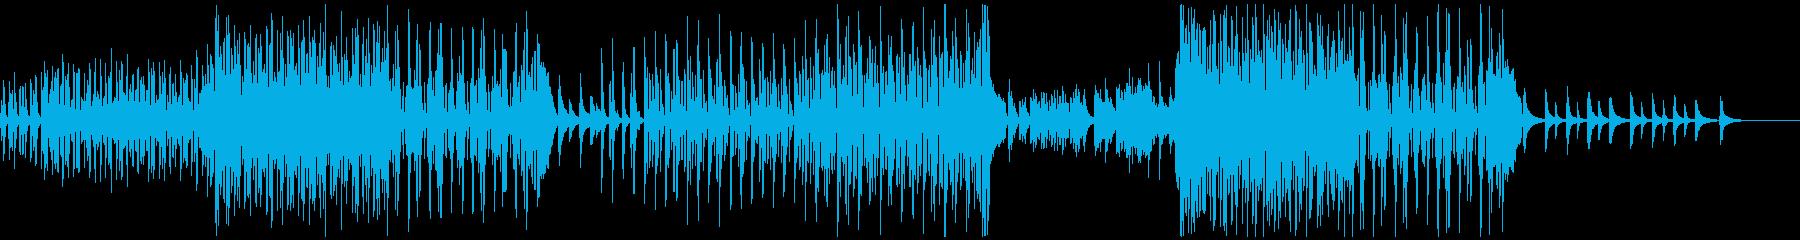 夏の始まりを感じる爽やかなピアノBGMの再生済みの波形